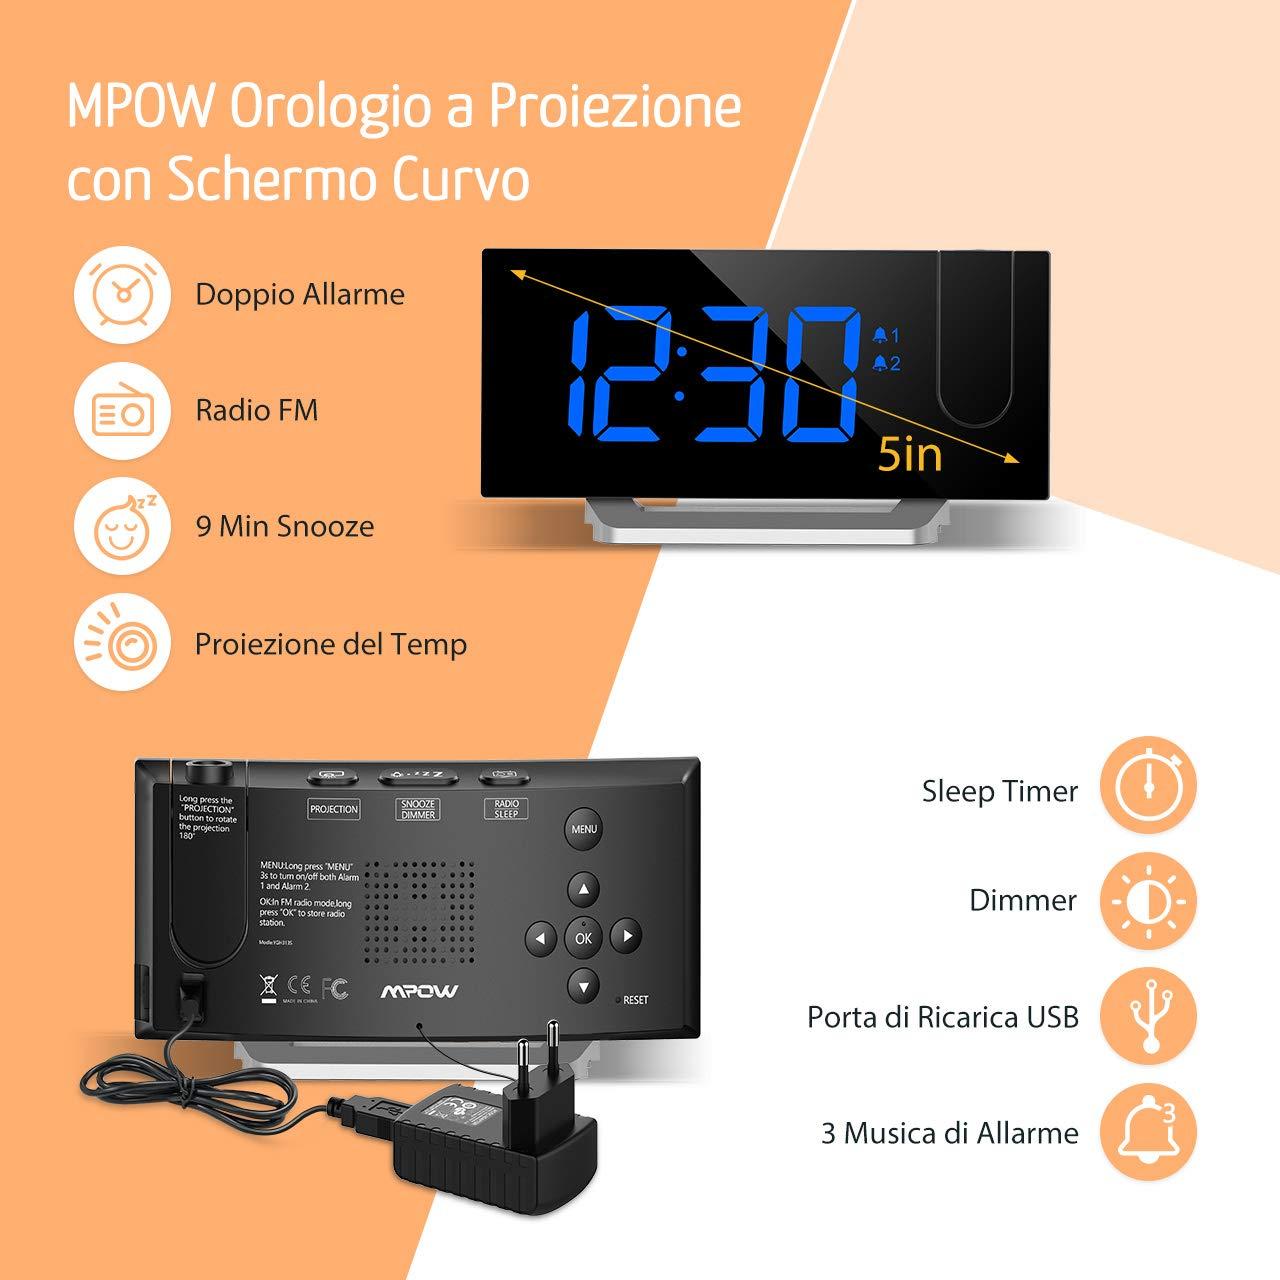 Mpow Radio Despertador Digital Proyector, FM Radio Reloj Despertador con Proyector de Alarma Dual con 4 Sonidos, 3 Tonos, 5 Brillos, Pantalla LED 5